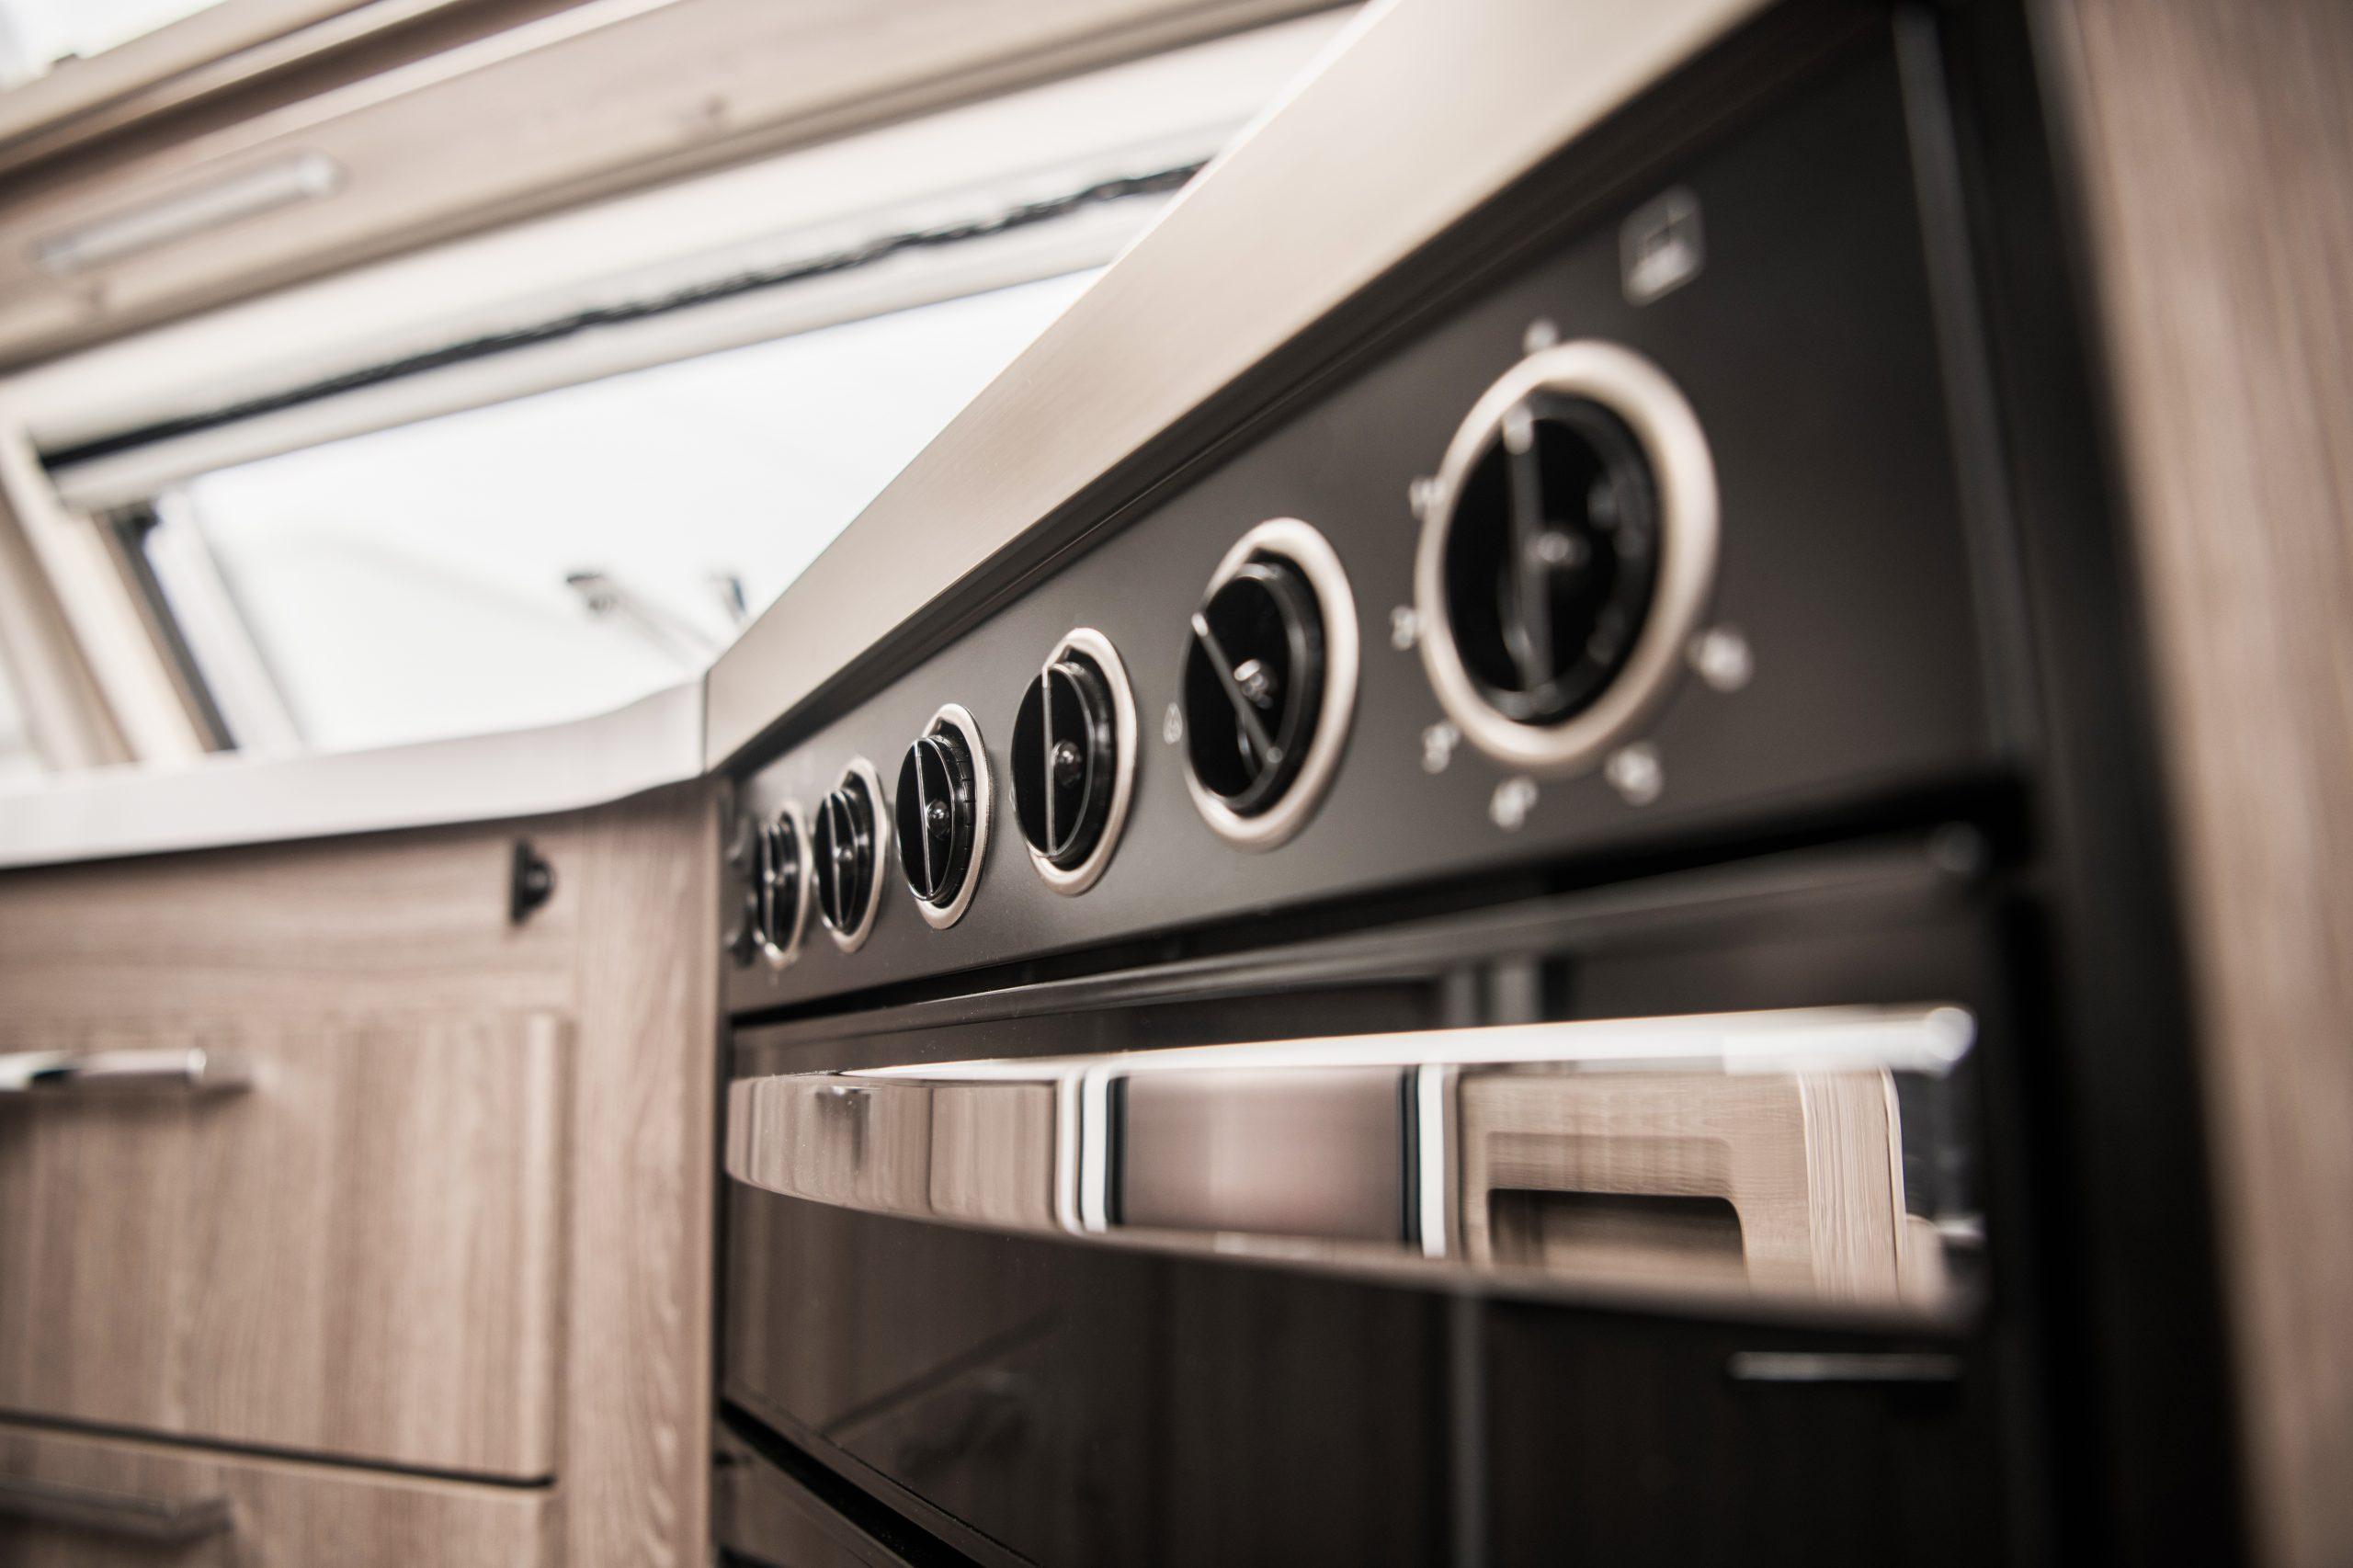 RV Kitchen Oven Closeup